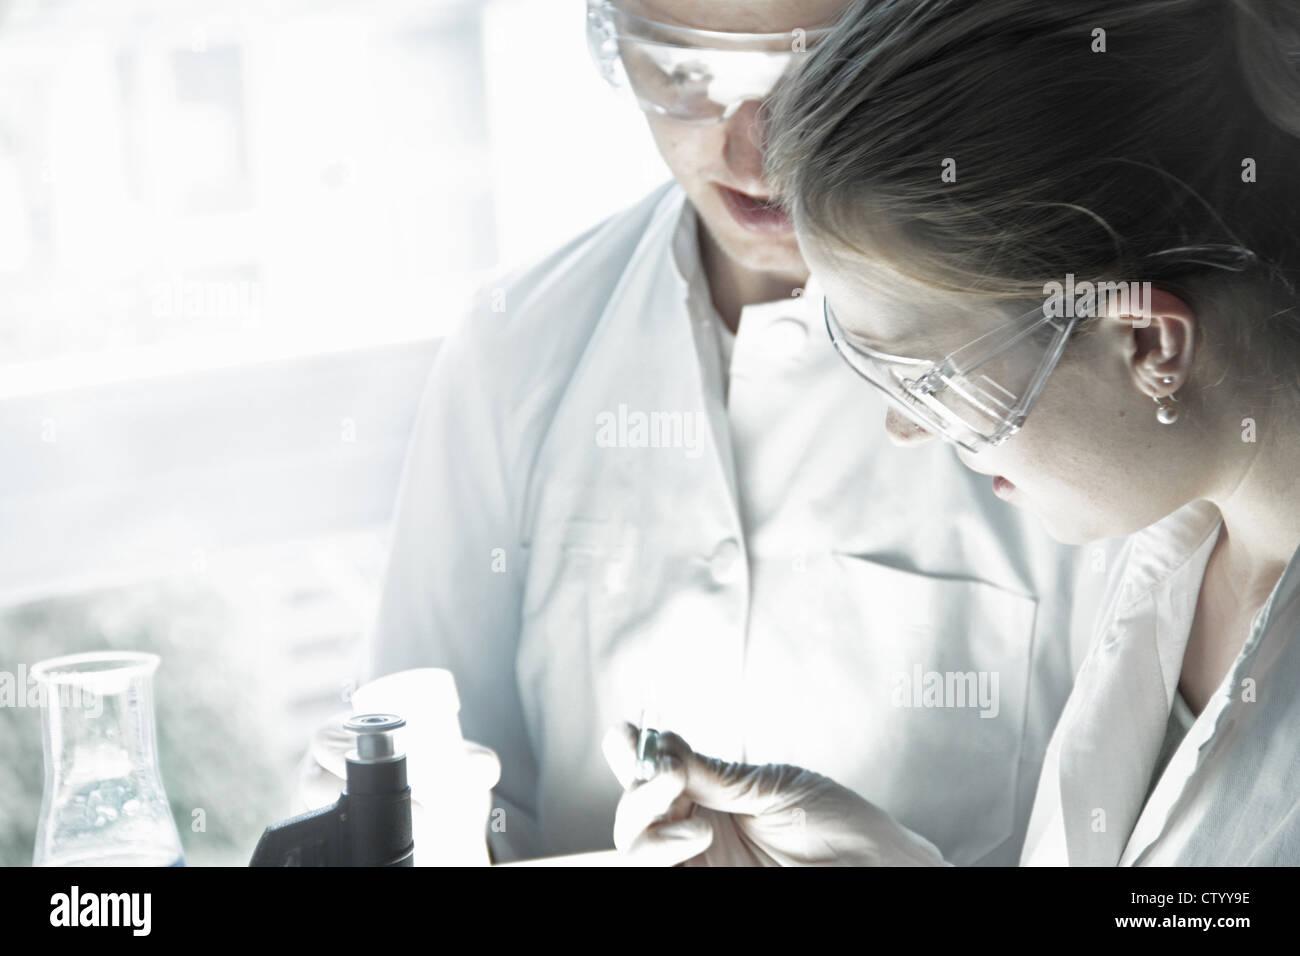 Les scientifiques examining test tube in lab Photo Stock